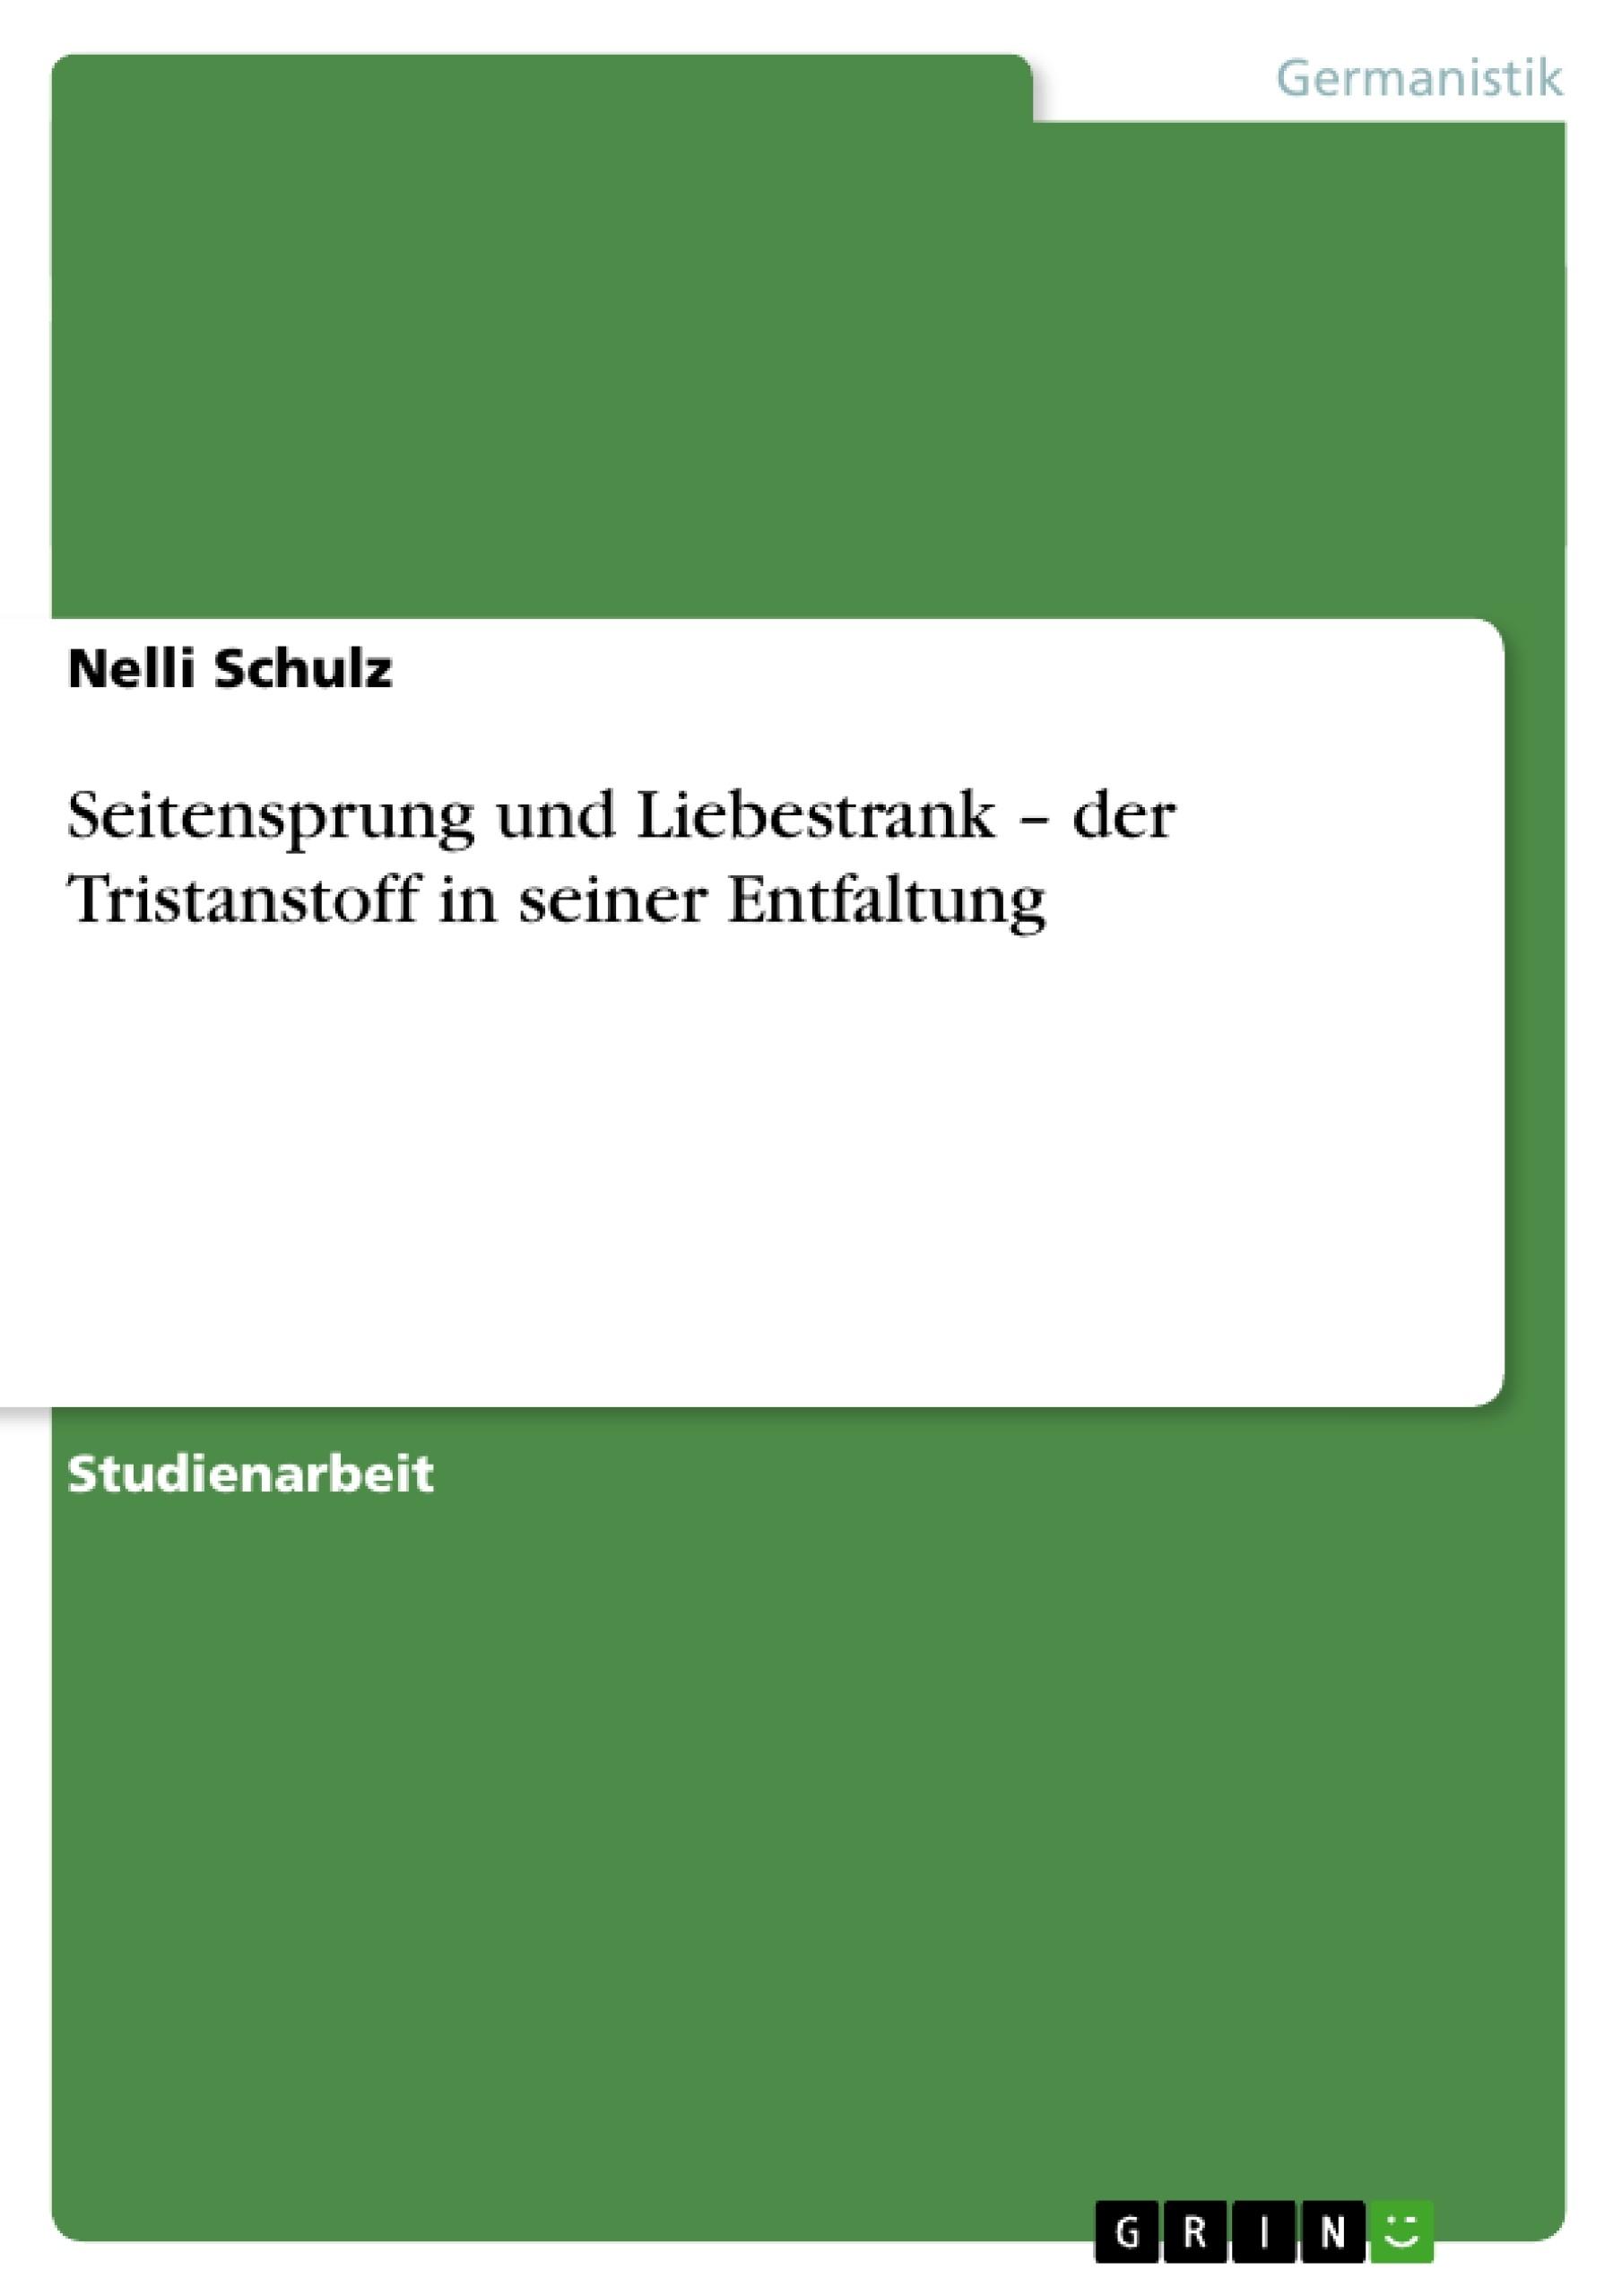 Titel: Seitensprung und Liebestrank – der Tristanstoff in seiner Entfaltung